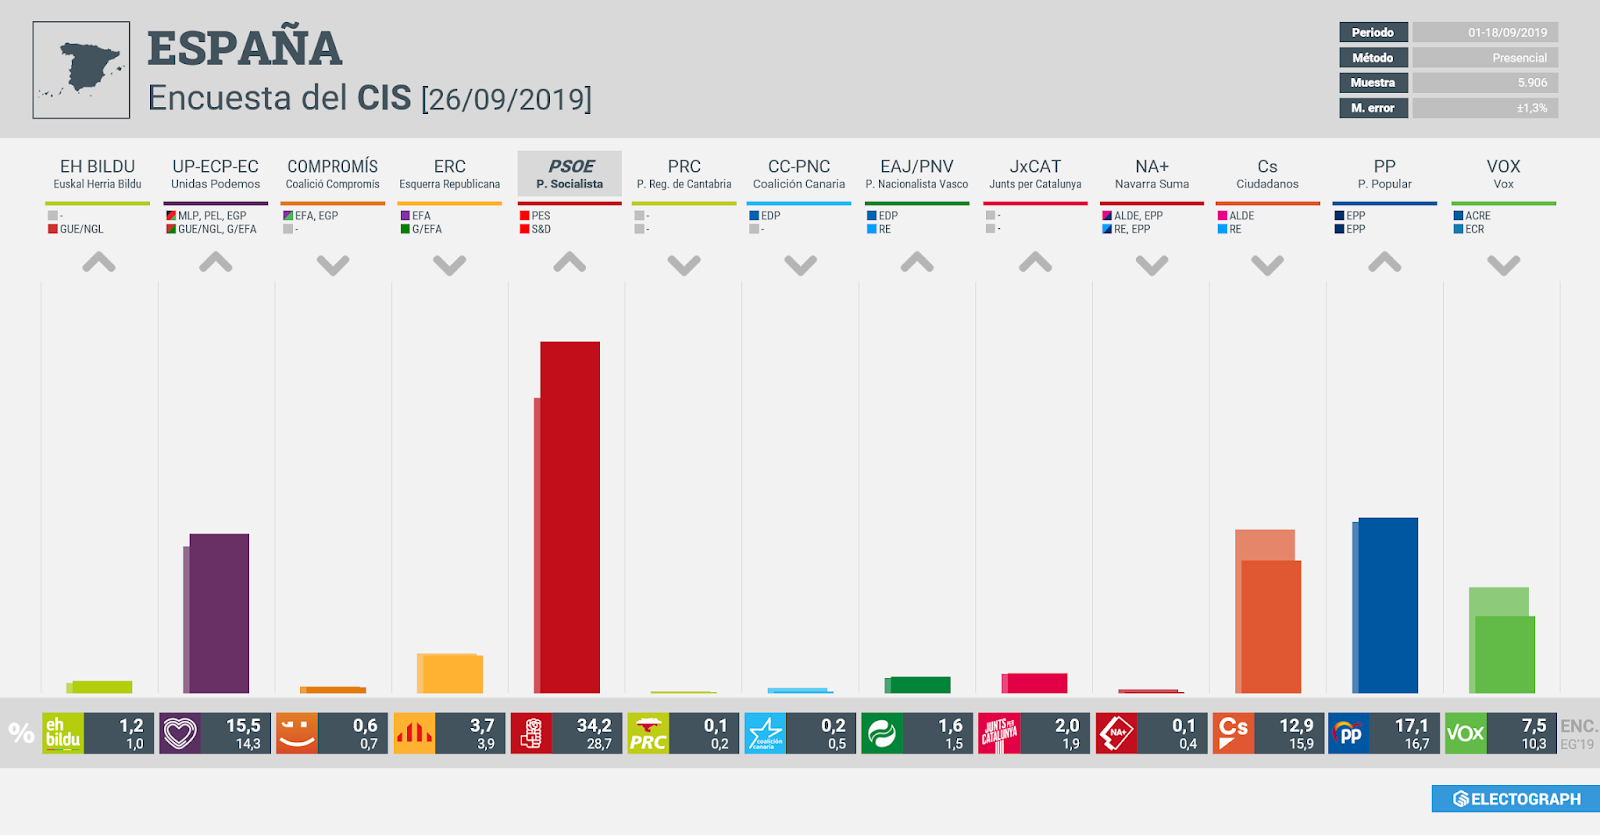 Gráfico de la encuesta para elecciones generales en España realizada por el CIS, 26 de septiembre de 2019